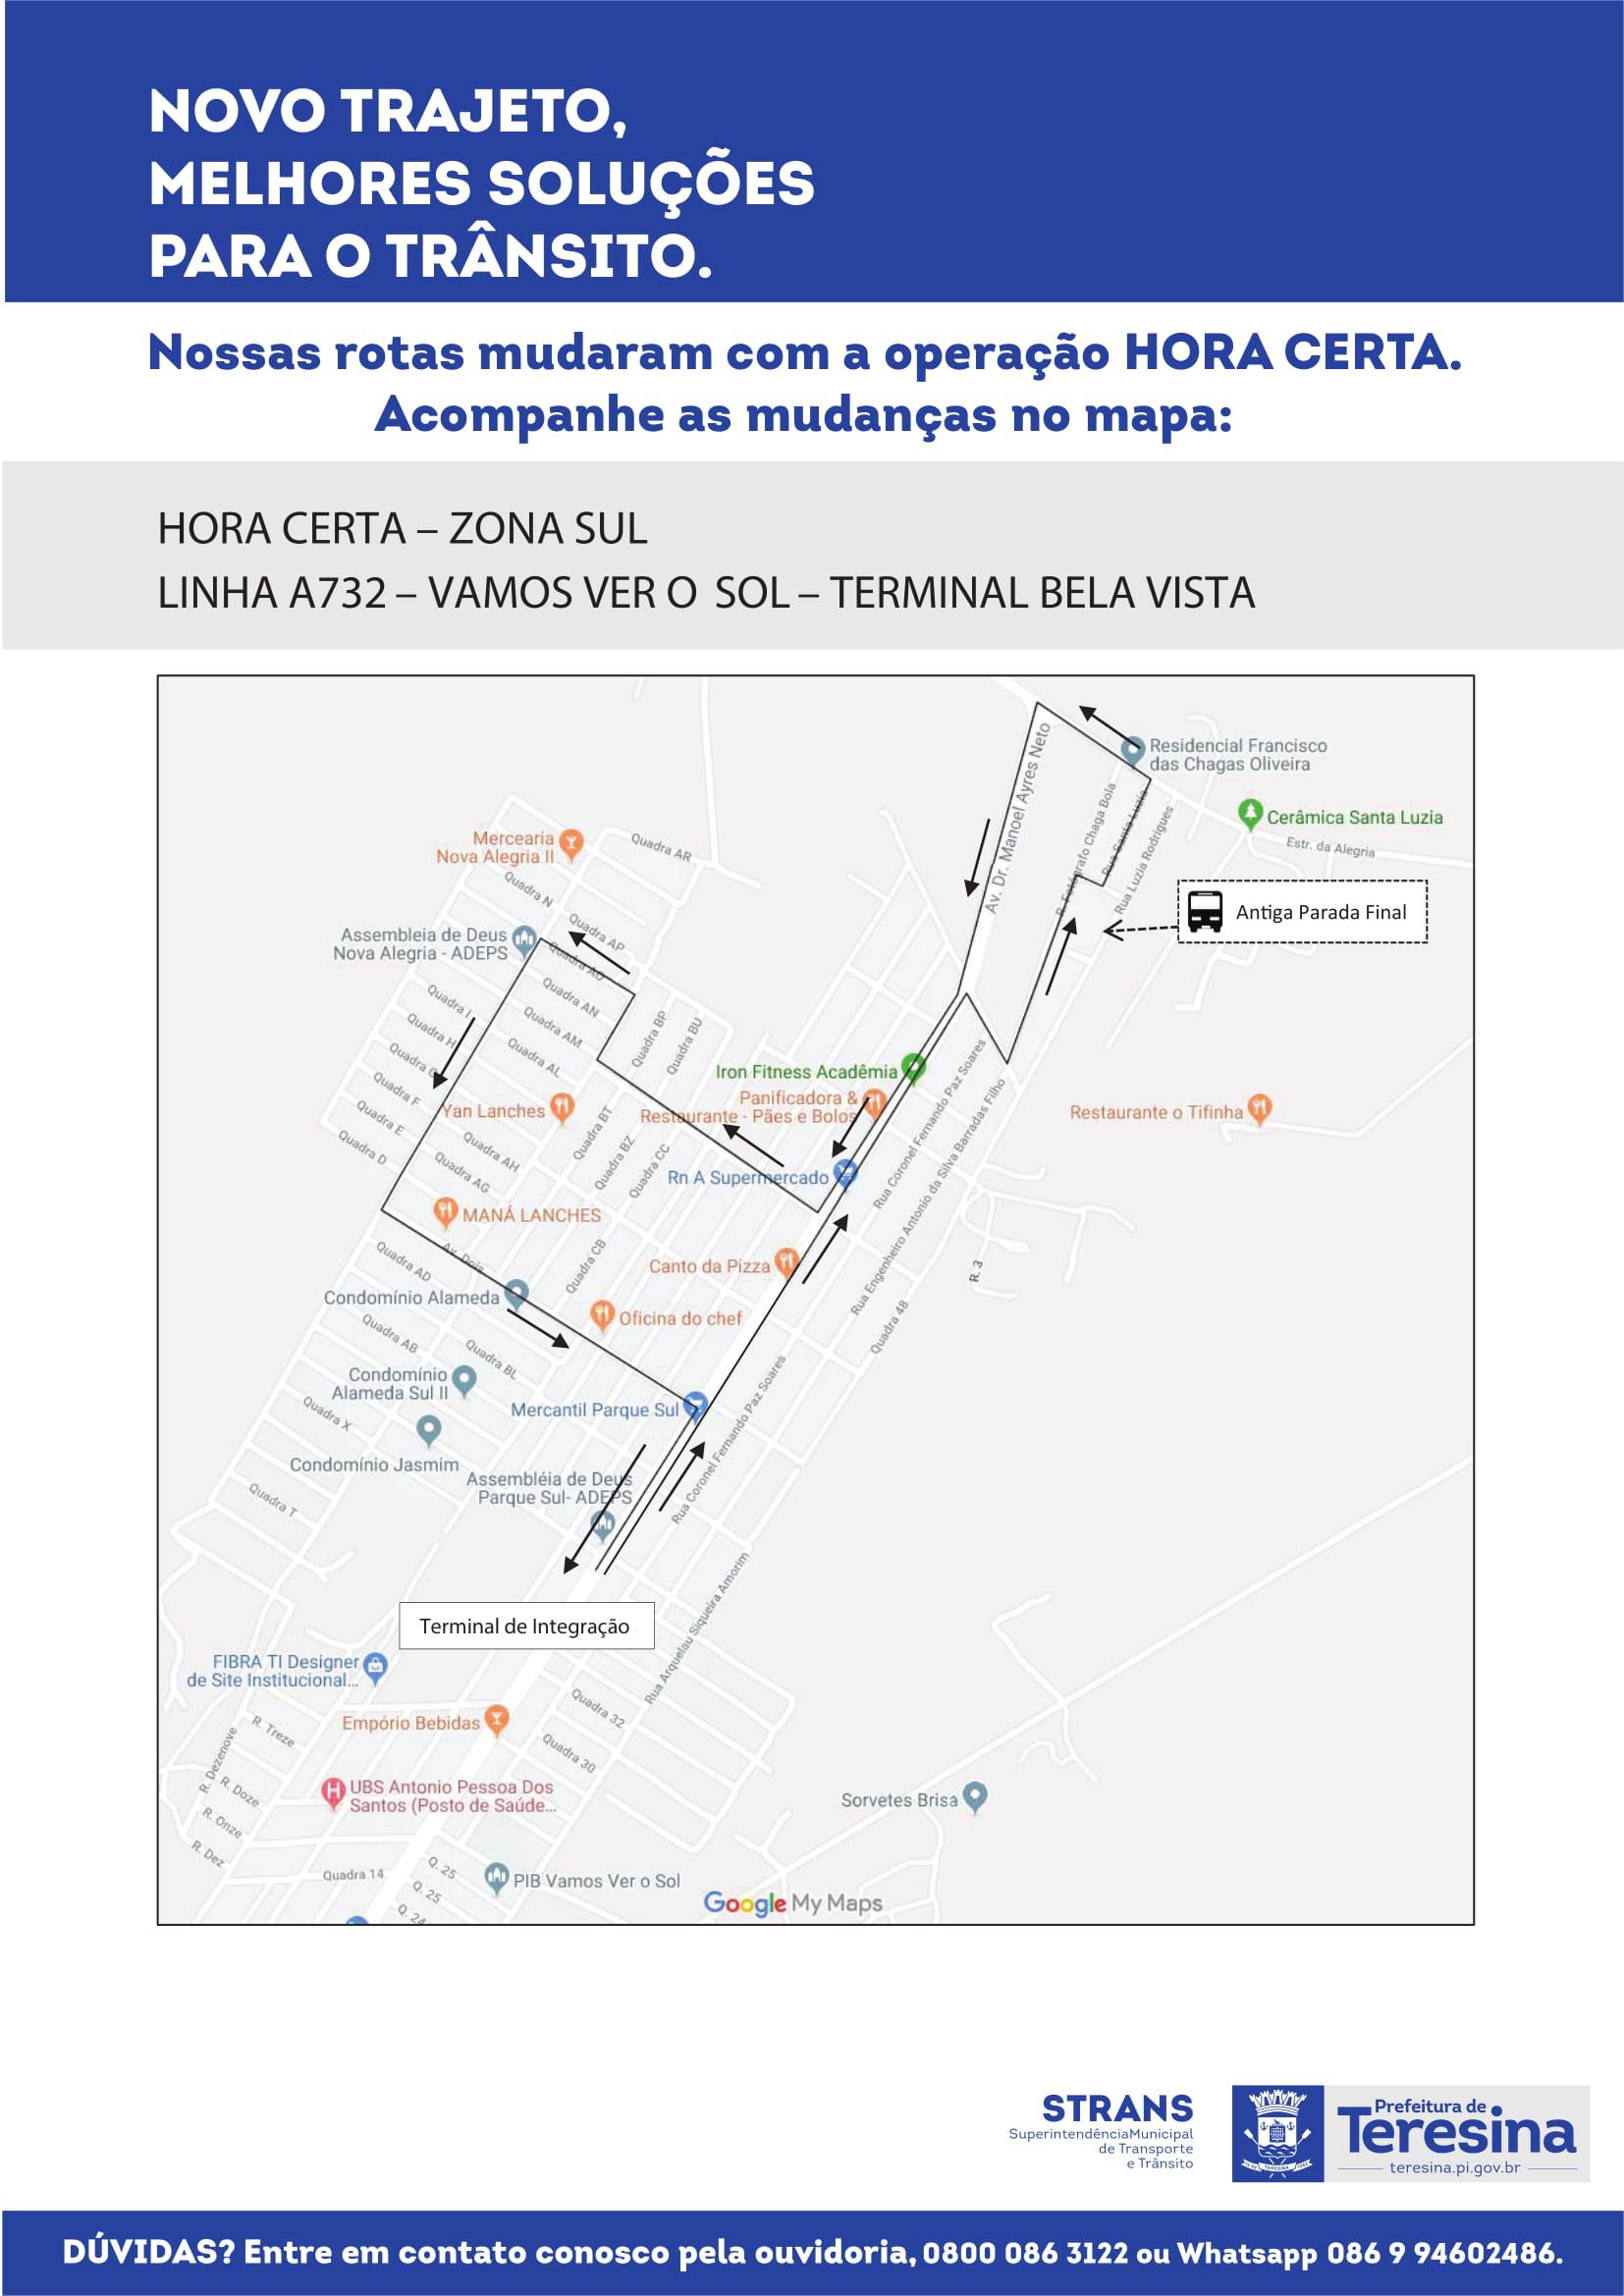 MAPAS-LINHAS-ZONA-SUL-110719-02